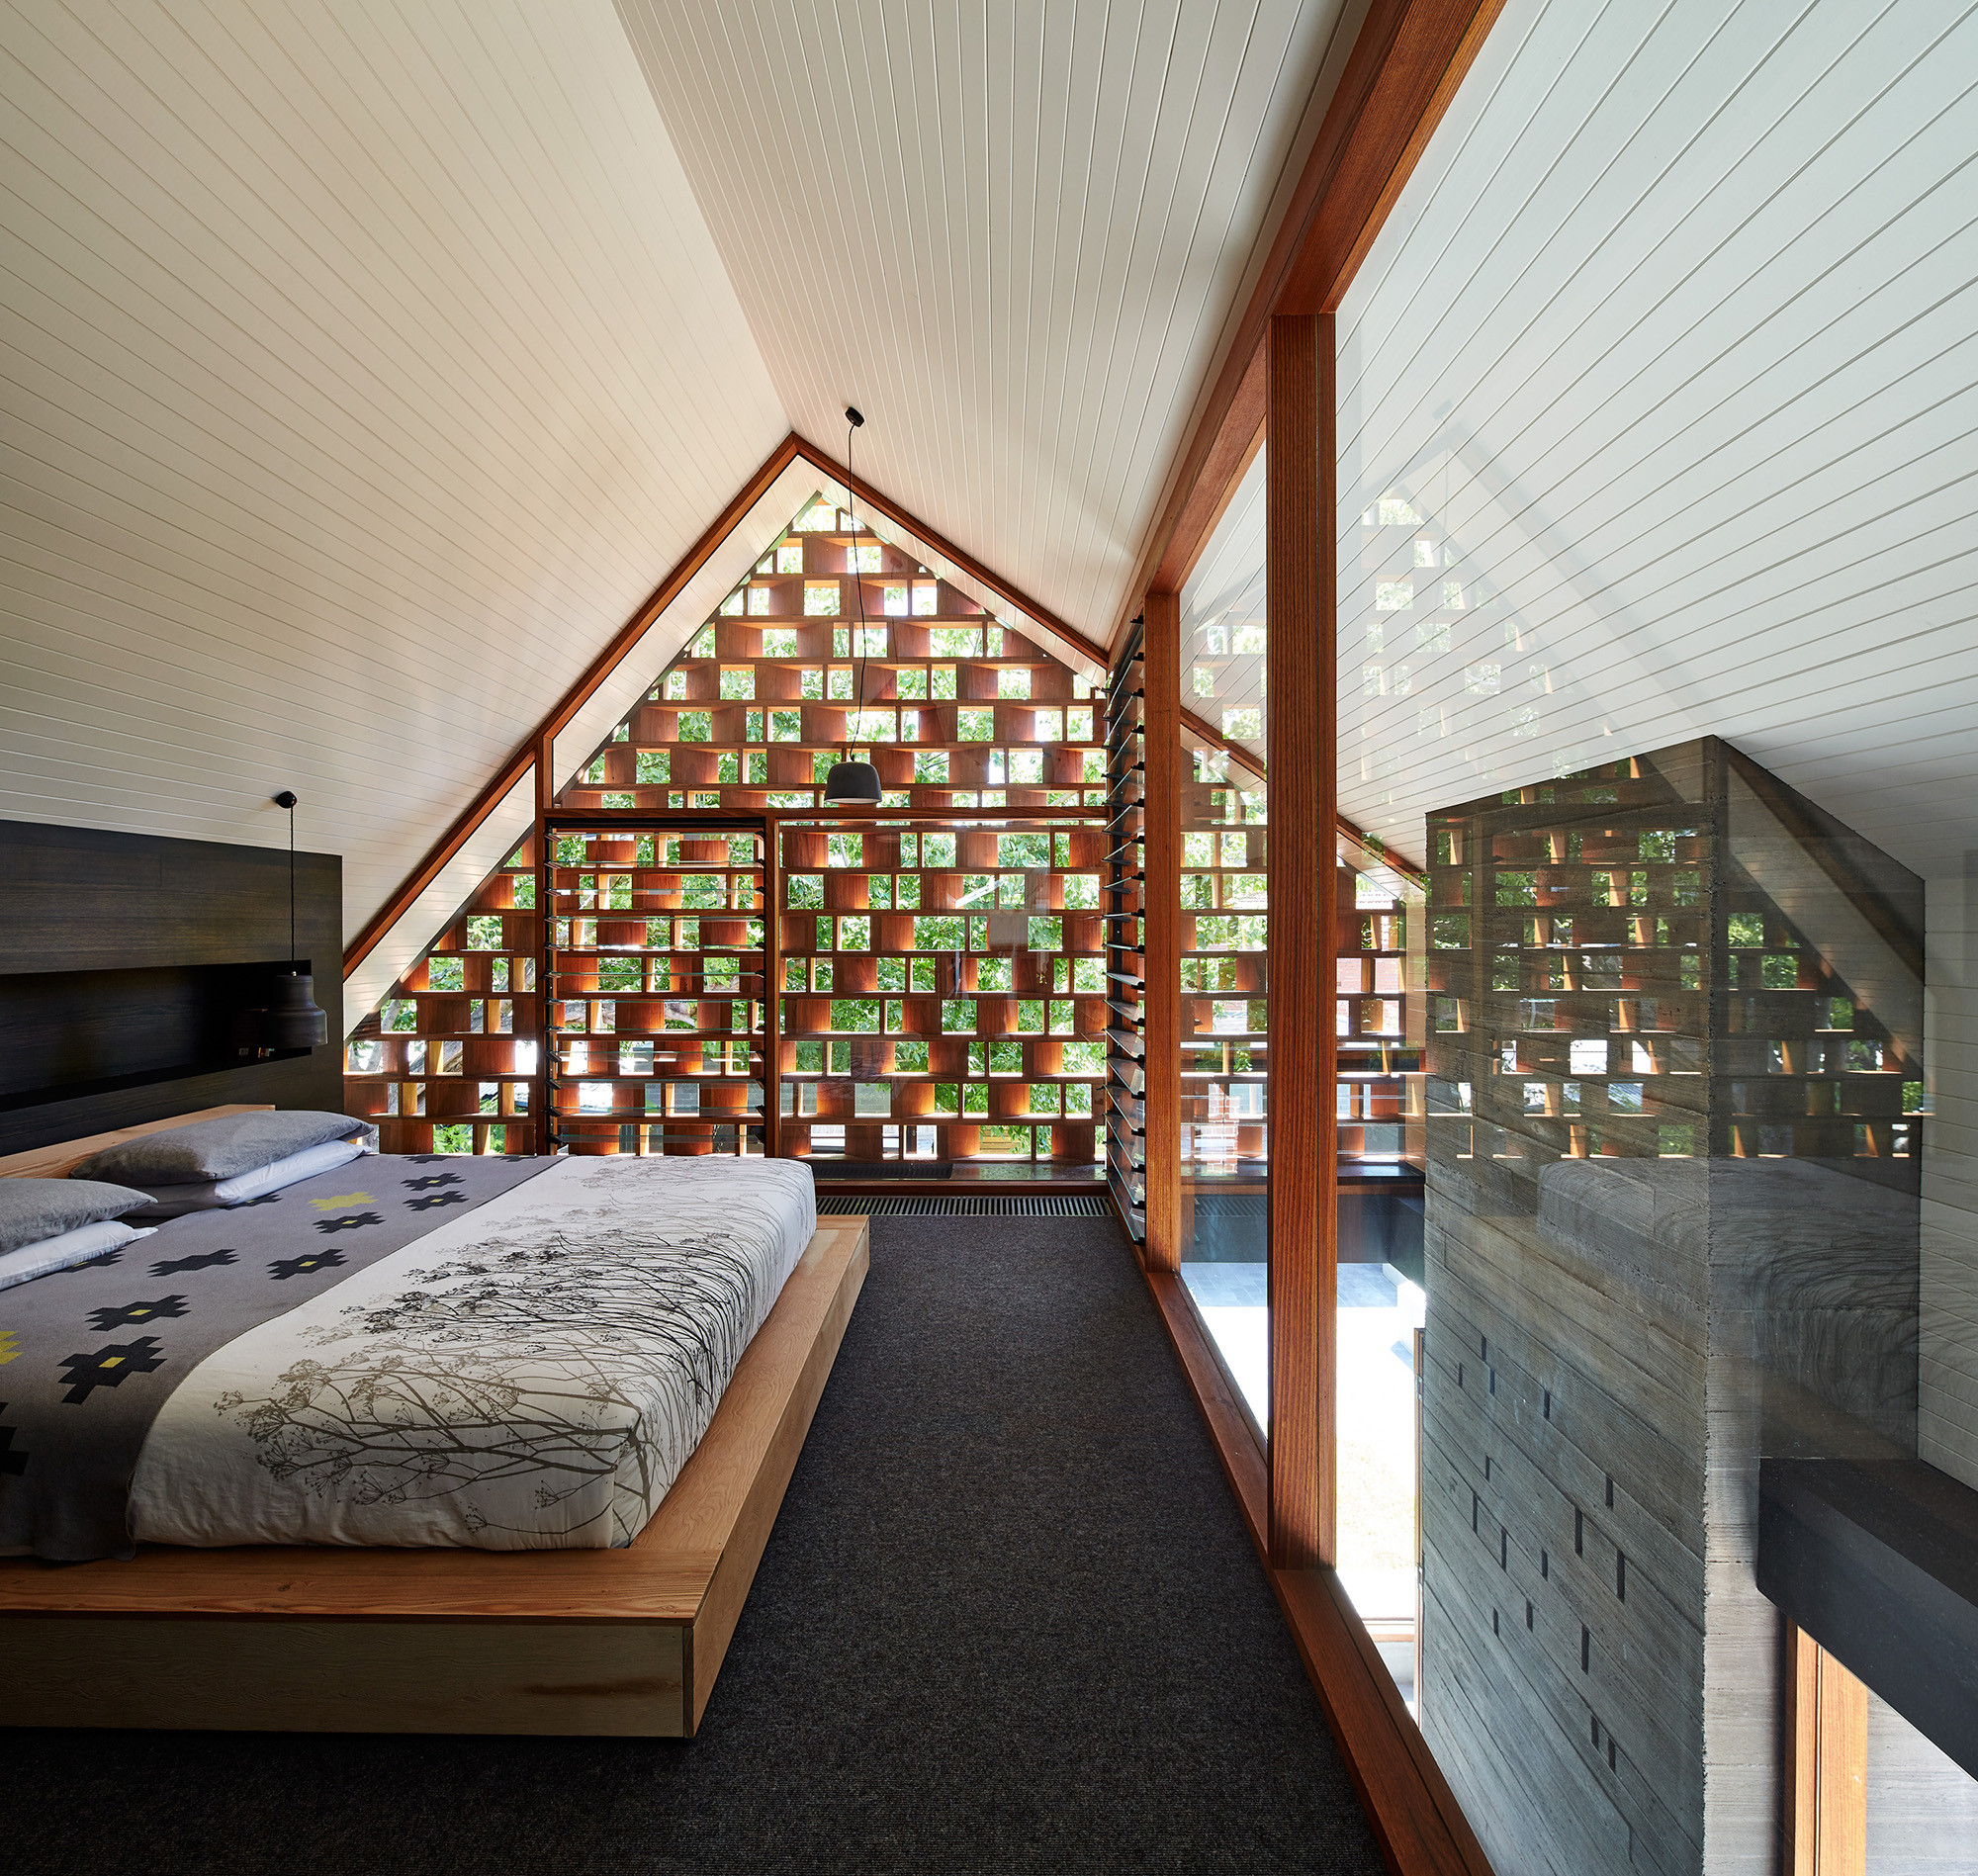 Galeria de casa local make architecture 2 for Local architects